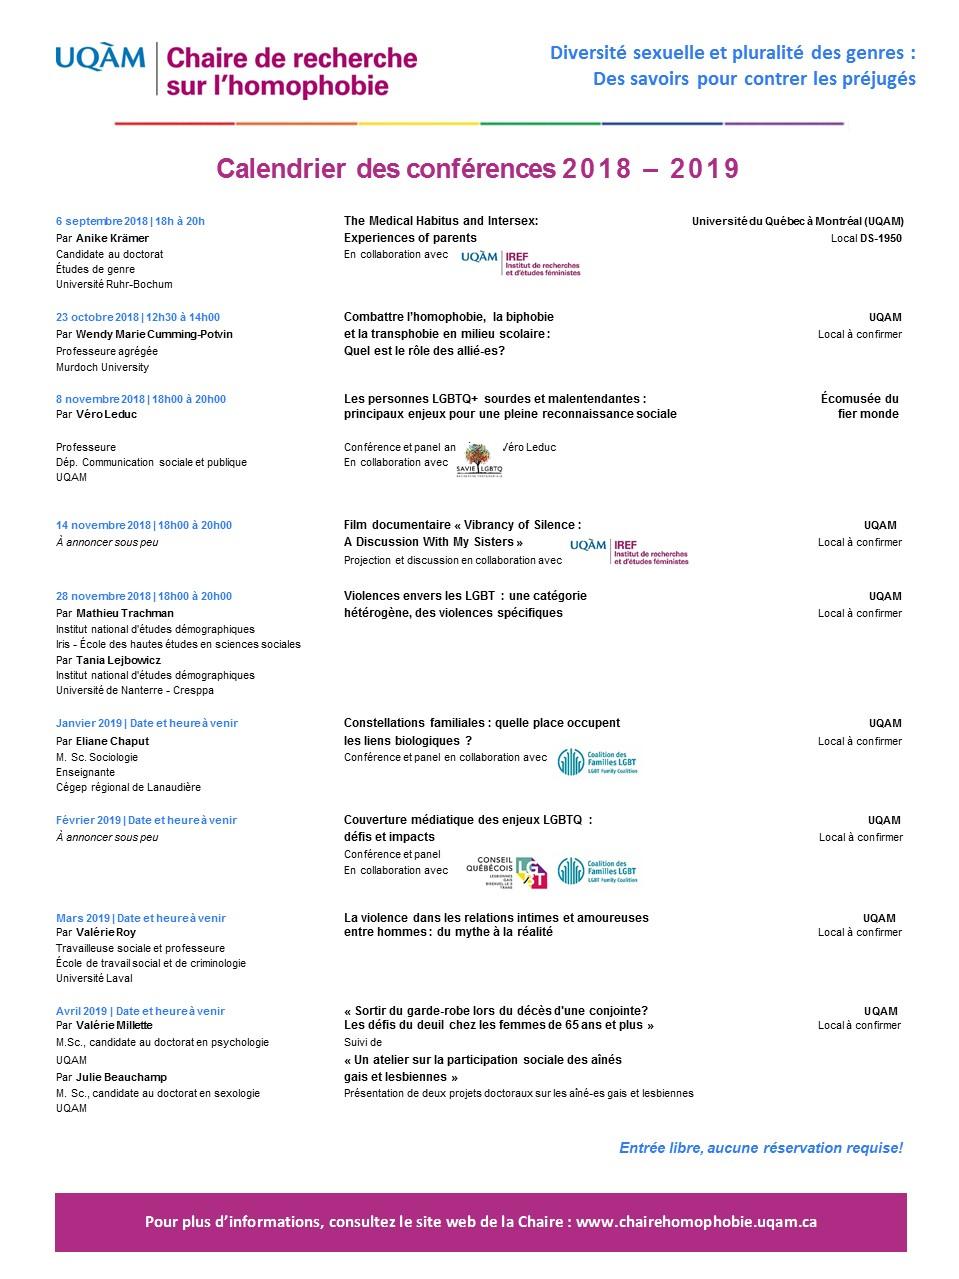 Programmation des conférences mensuelles 2018-2019